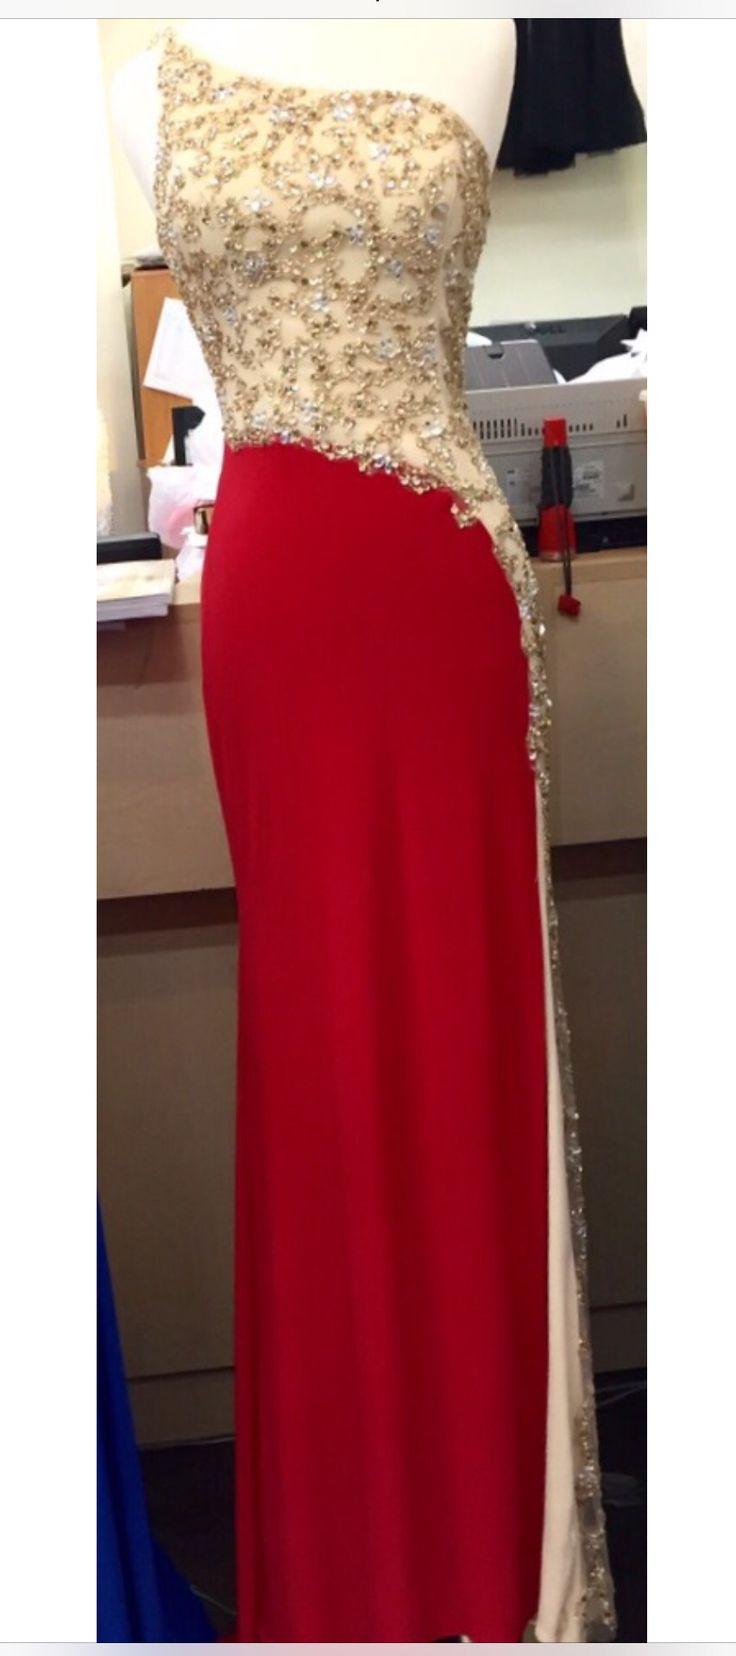 Vestidos de fiesta paoladimaya.com.co. Luce radiante ... Tendencias de moda . Transparencias y pedrería  un toque unico.